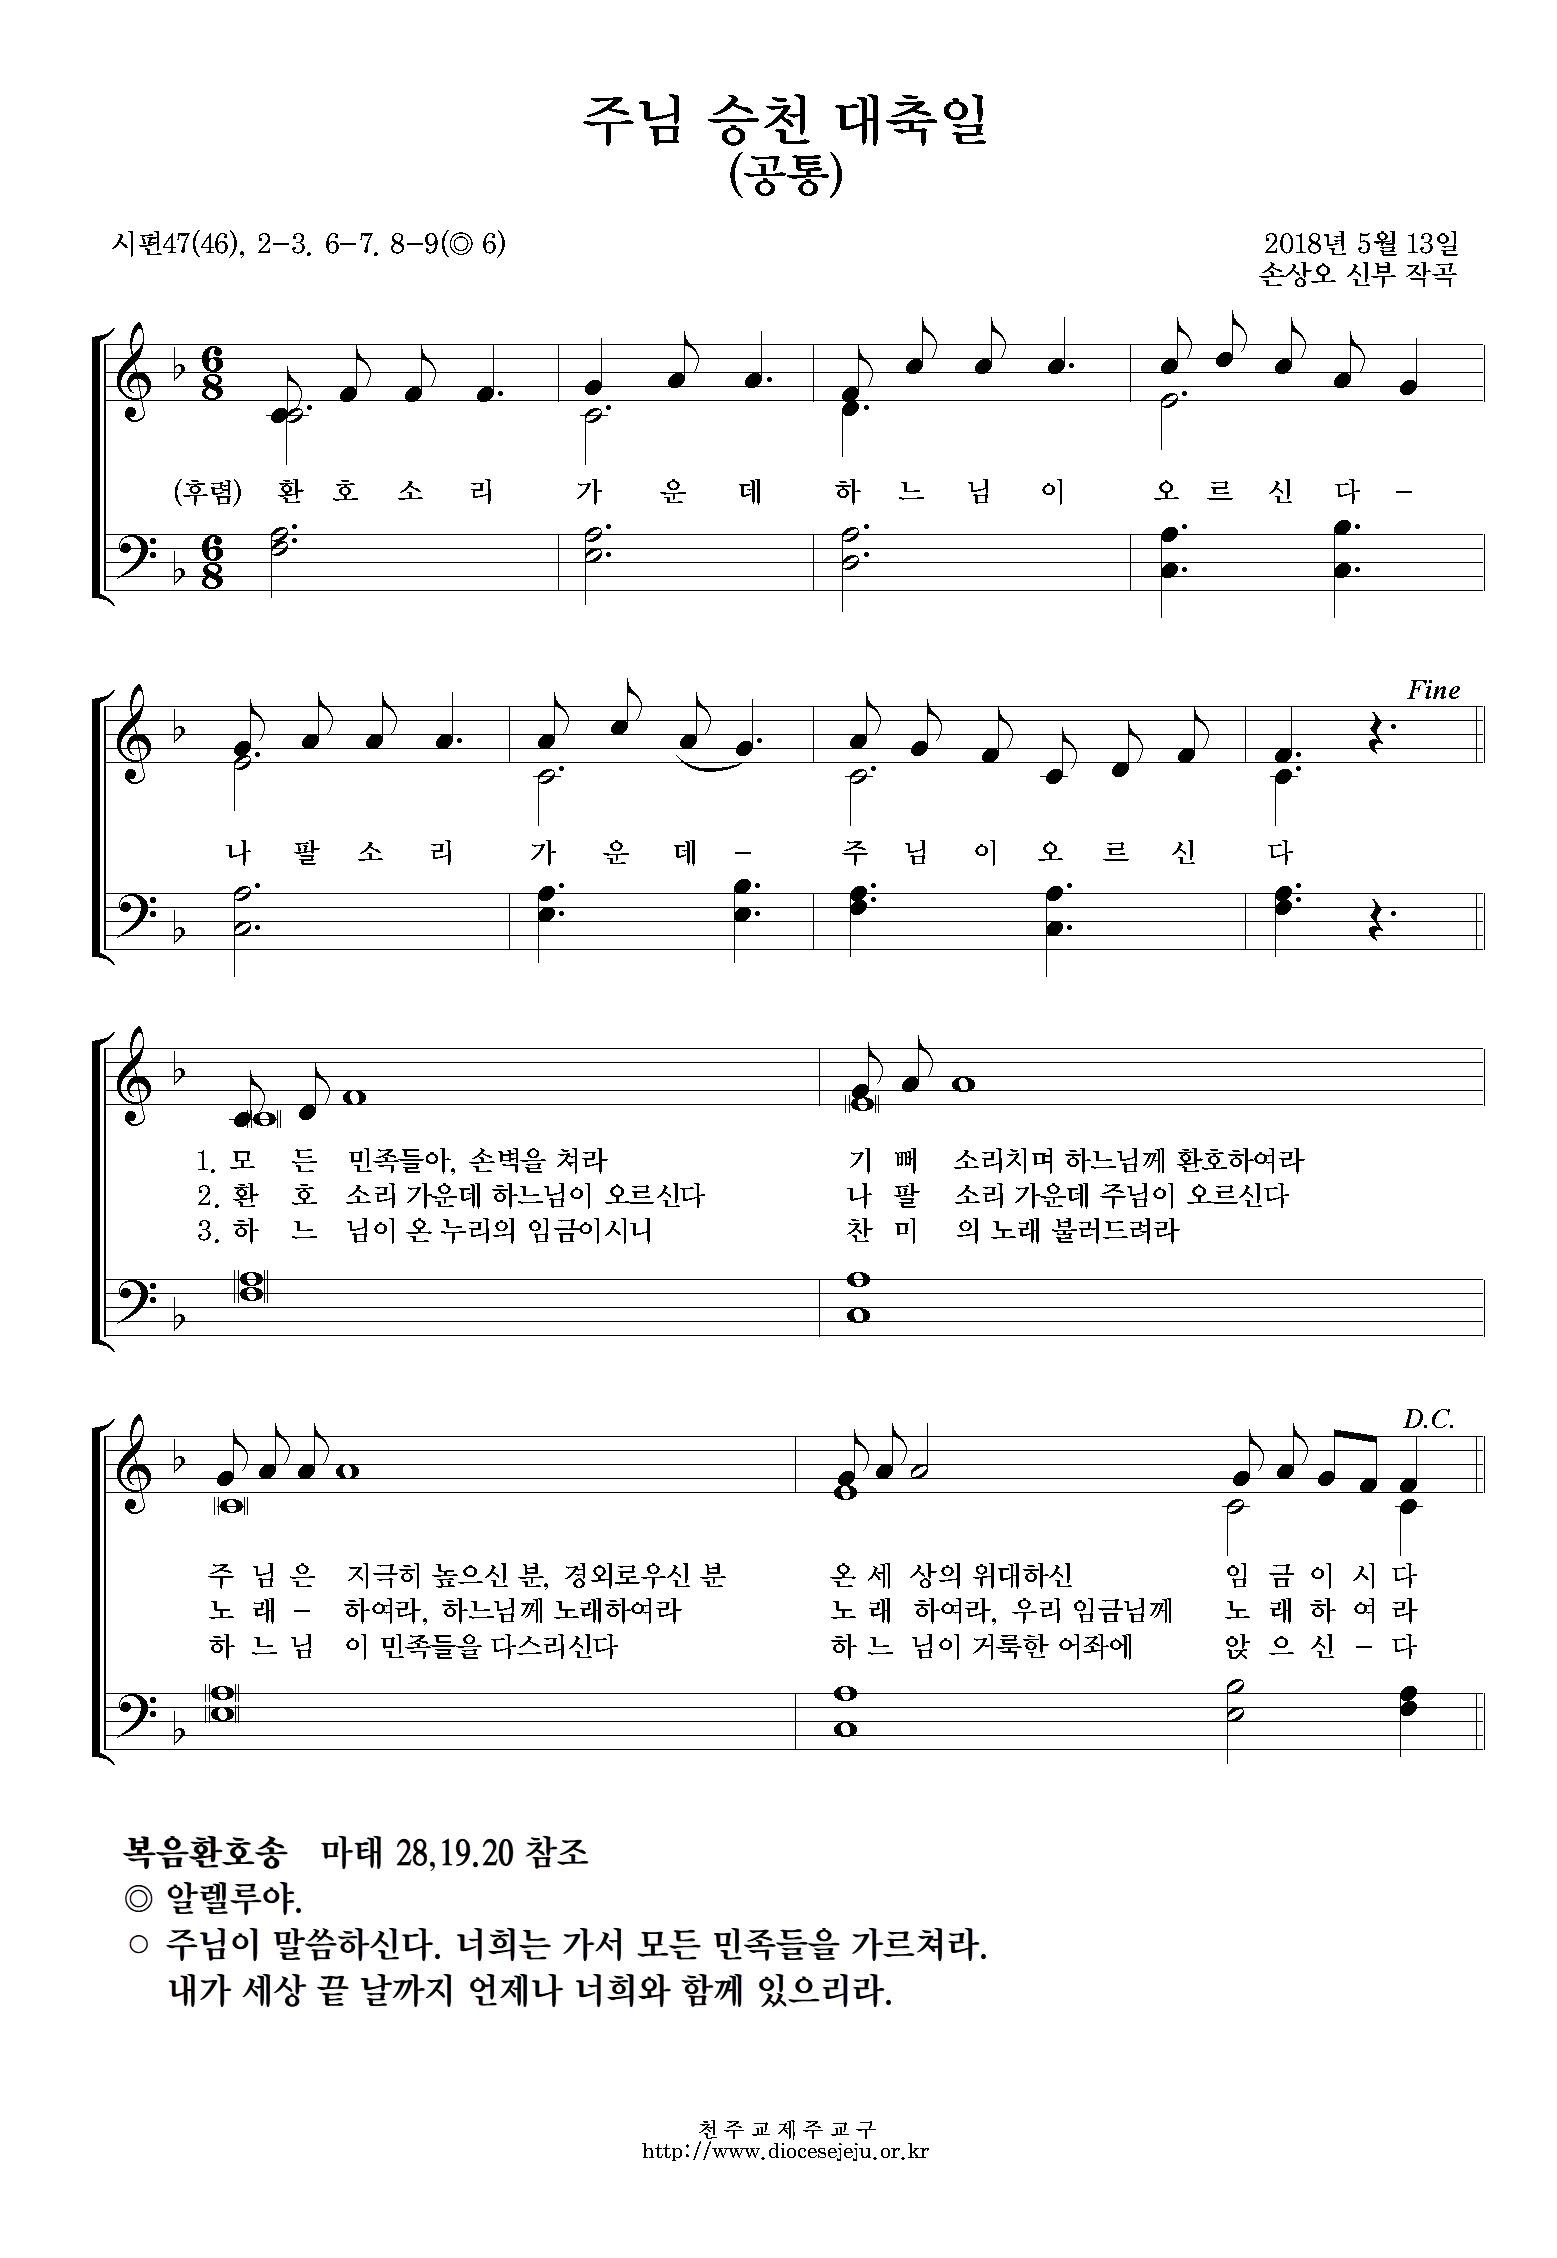 20180513-주님 승천 대축일(공통).jpg